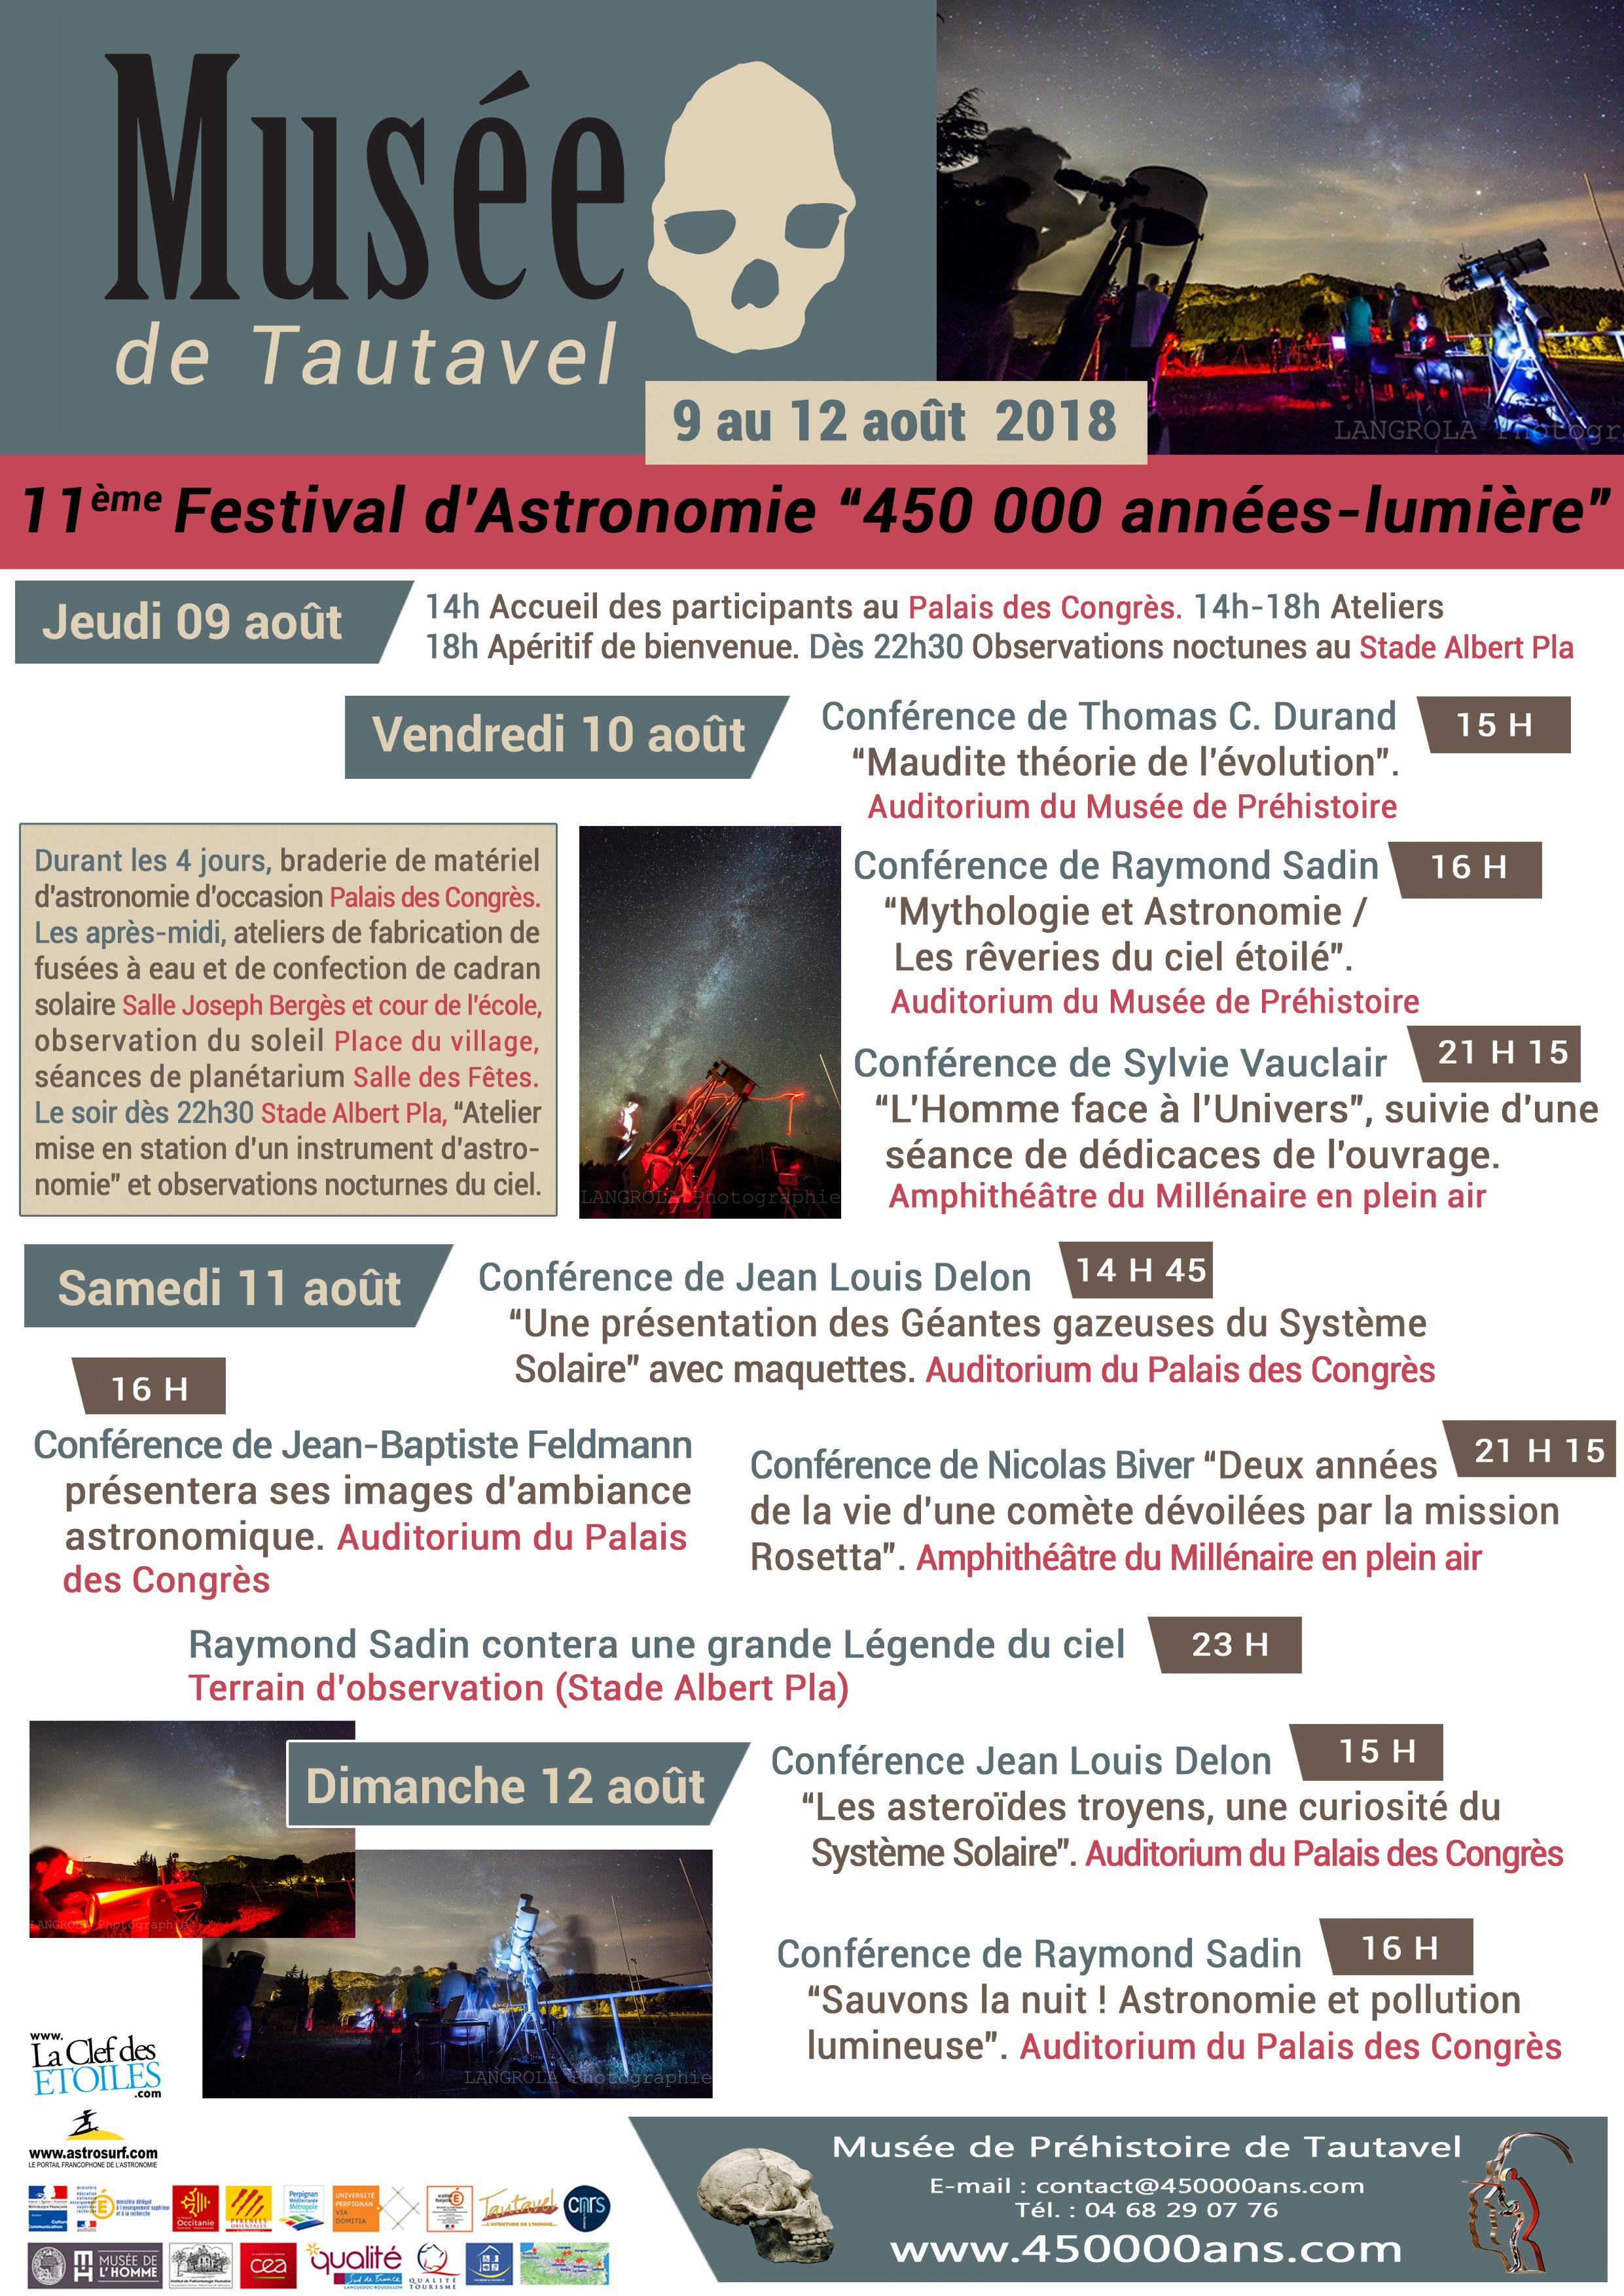 Festival astronomie de Tautavel 2018